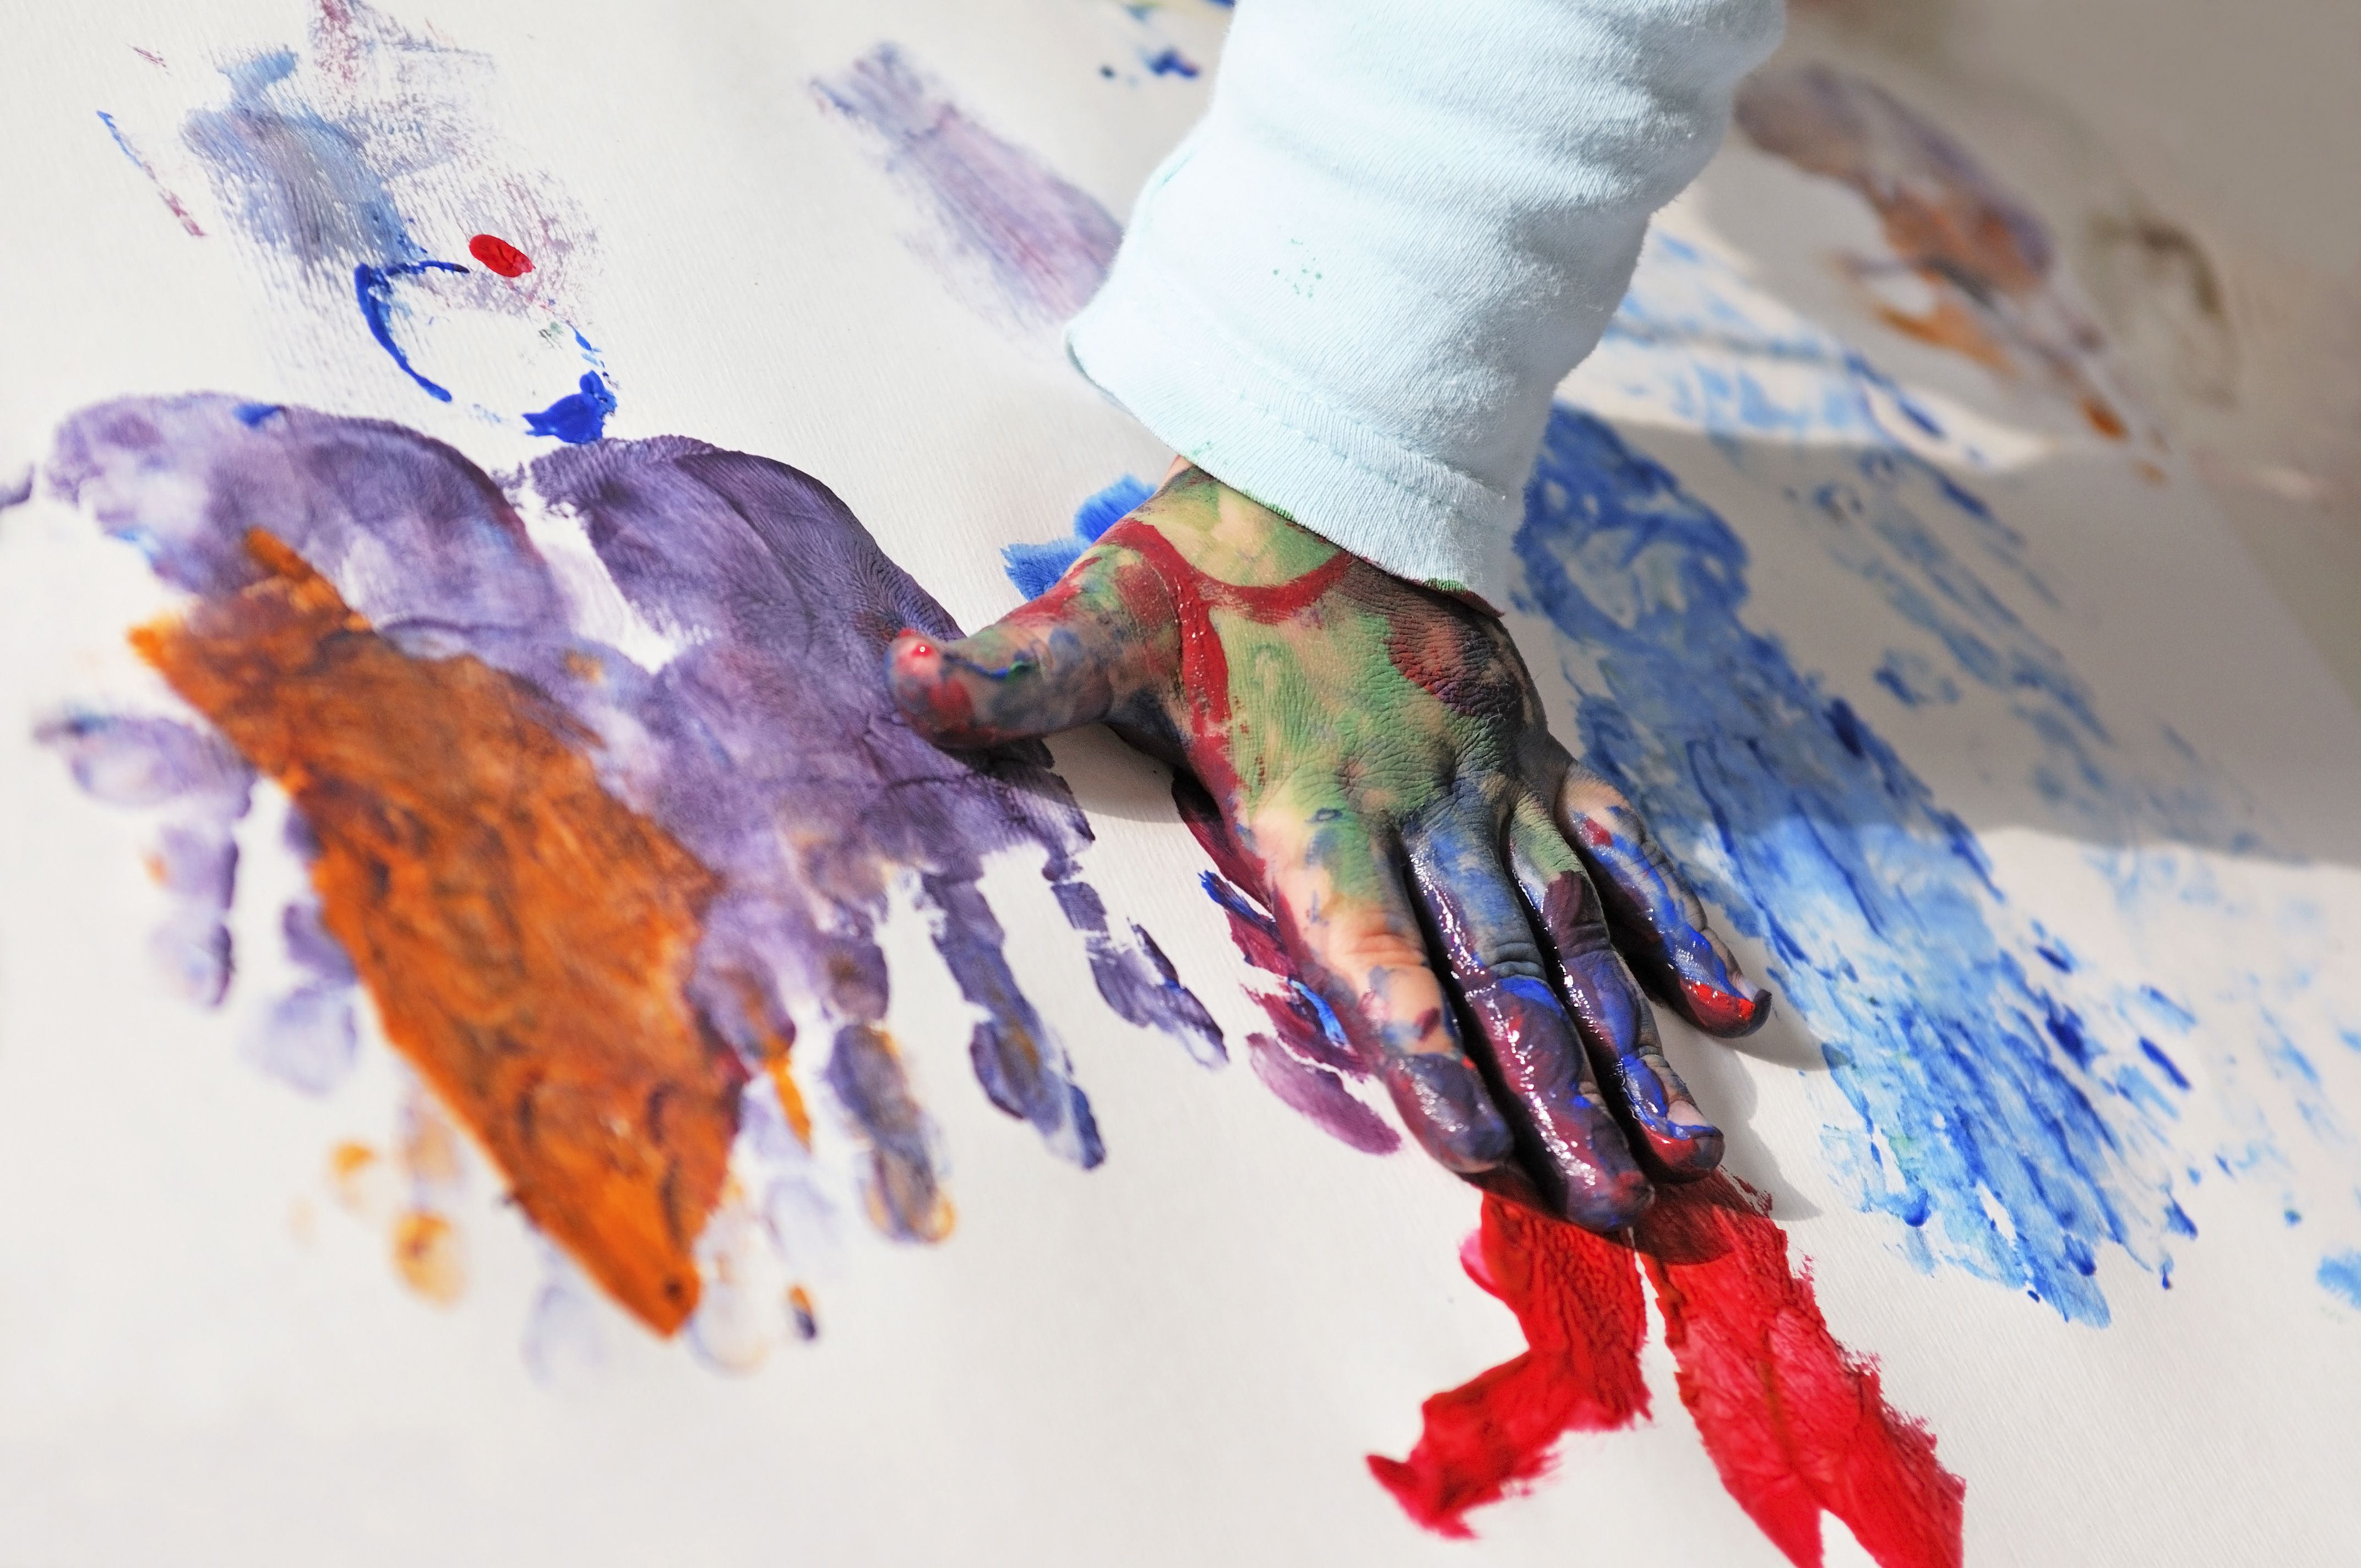 Escuela infantil en Logroño con actividades lúdicas